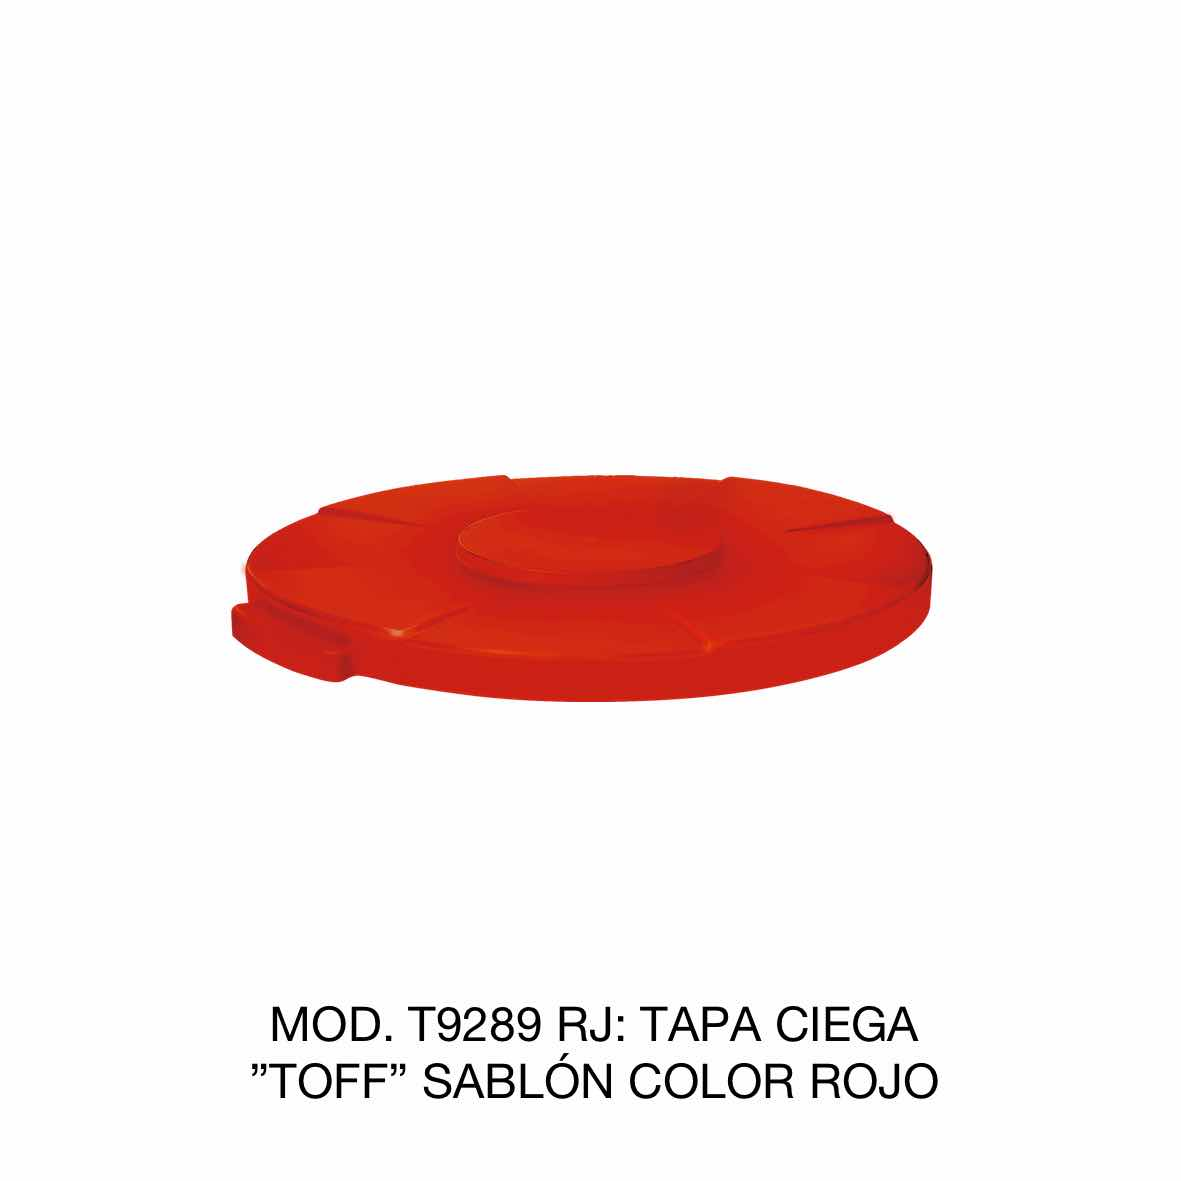 Tapa para contenedor de basura de 120 litros TOFF modelo T9289 RJ color rojo de Sablón